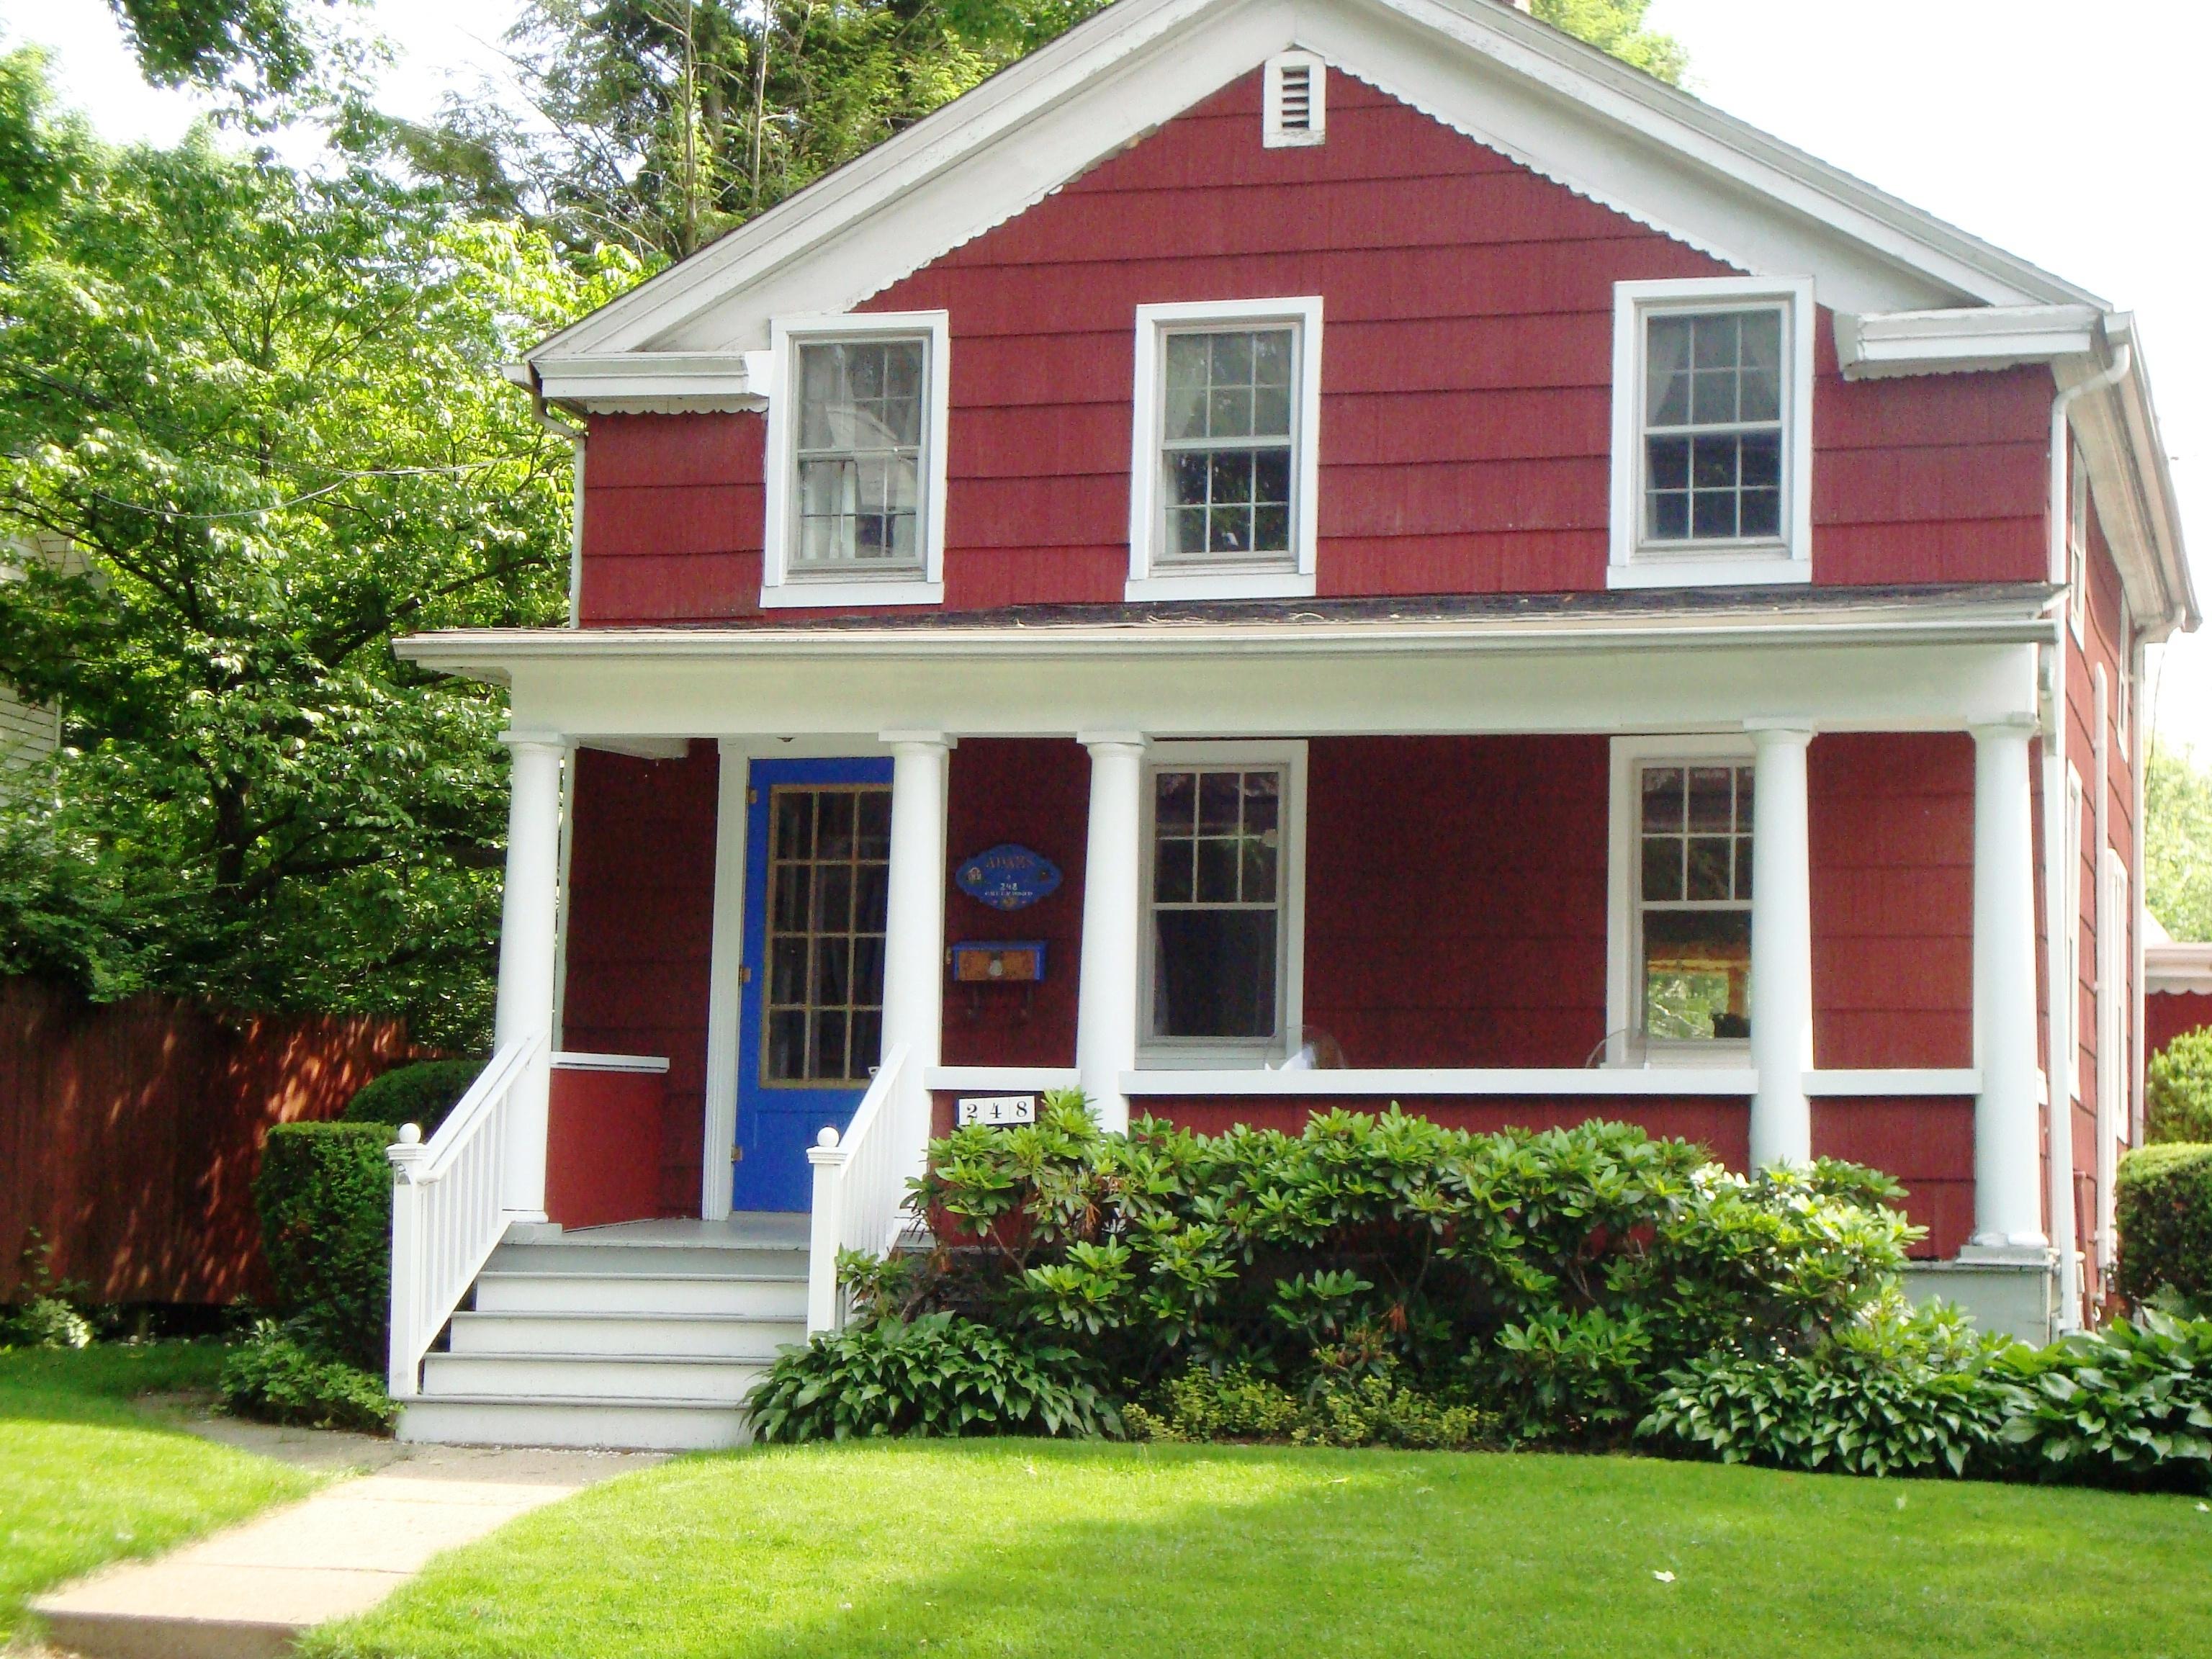 一戸建て のために 売買 アット Charming Antique Home 248 Greenwood Avenue Bethel, コネチカット 06801 アメリカ合衆国